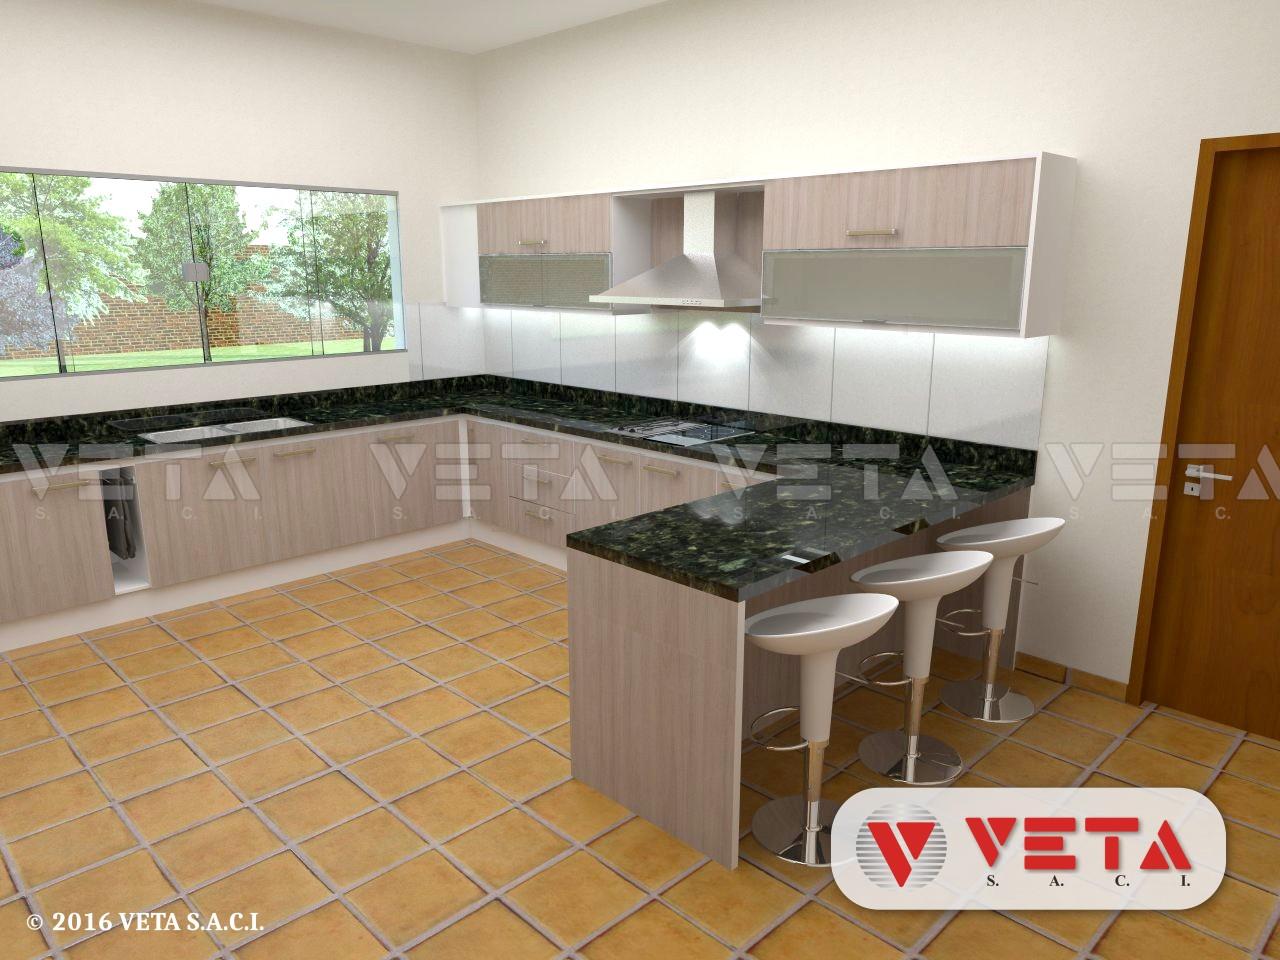 Antes de proyectar su cocina - VETA S.A.C.I.